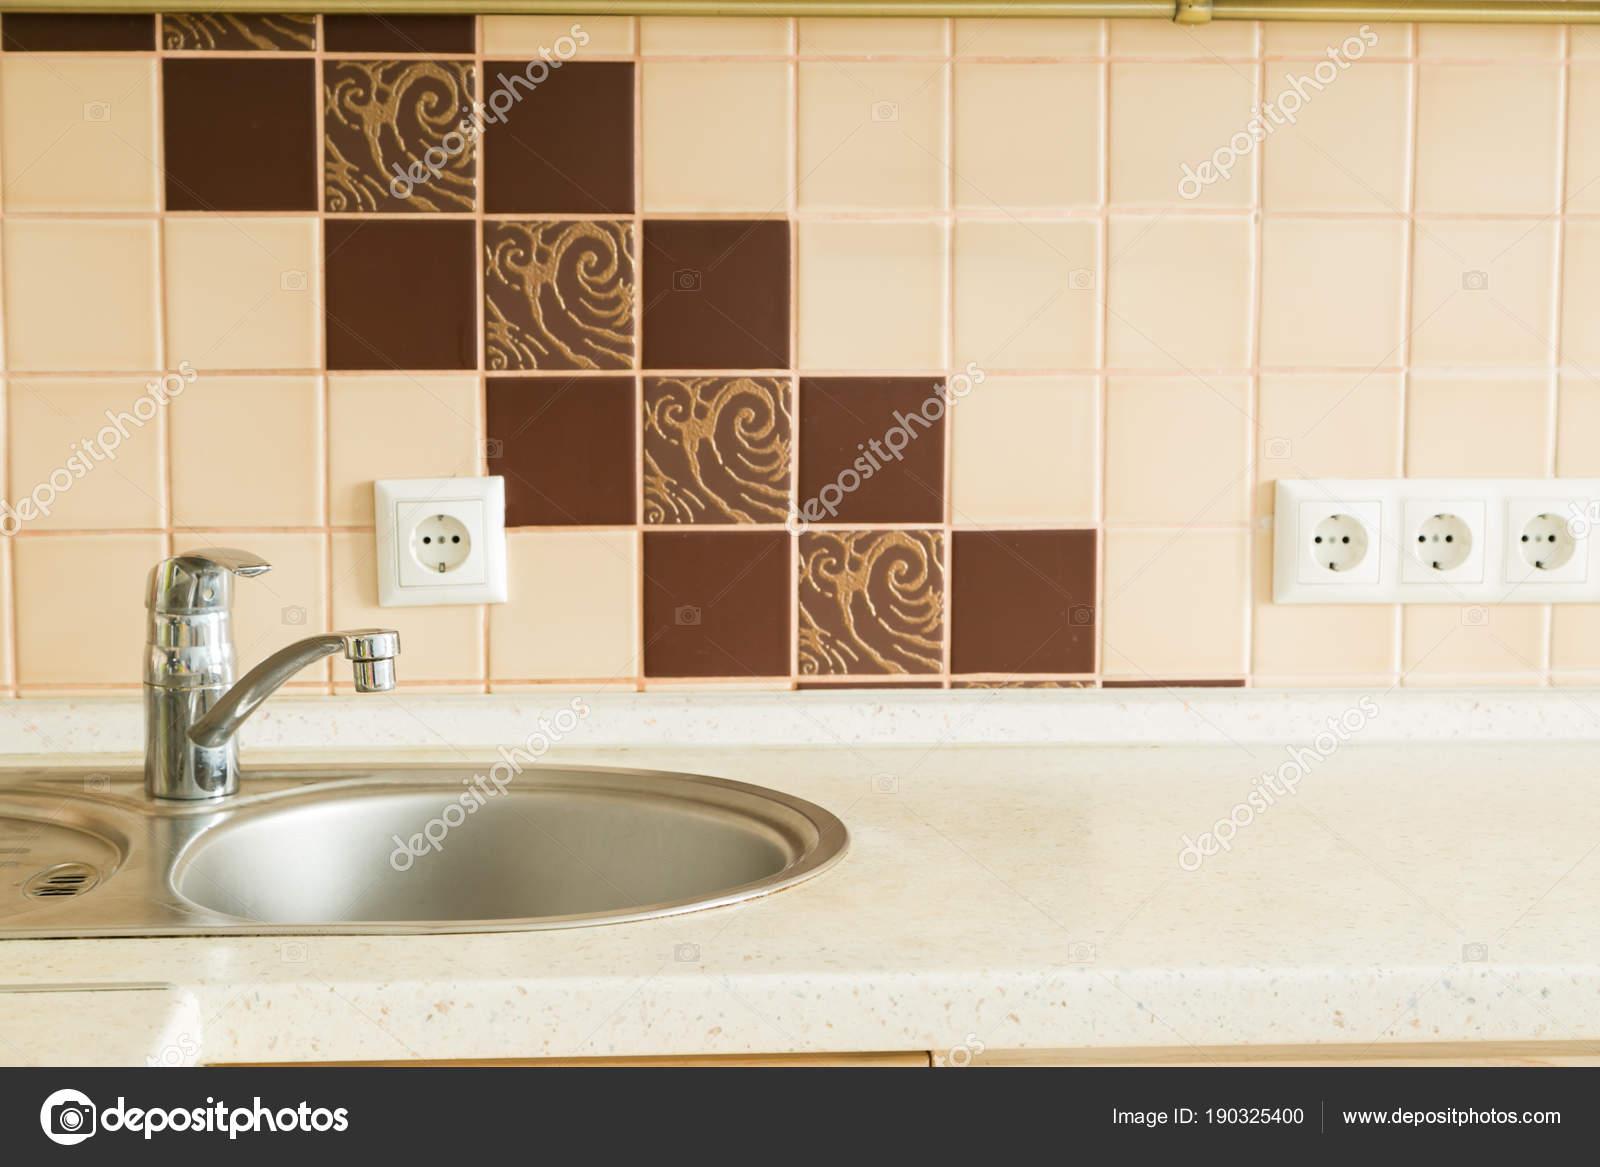 Tavolo da cucina con bancone della cucina di sfocatura — Foto Stock ...